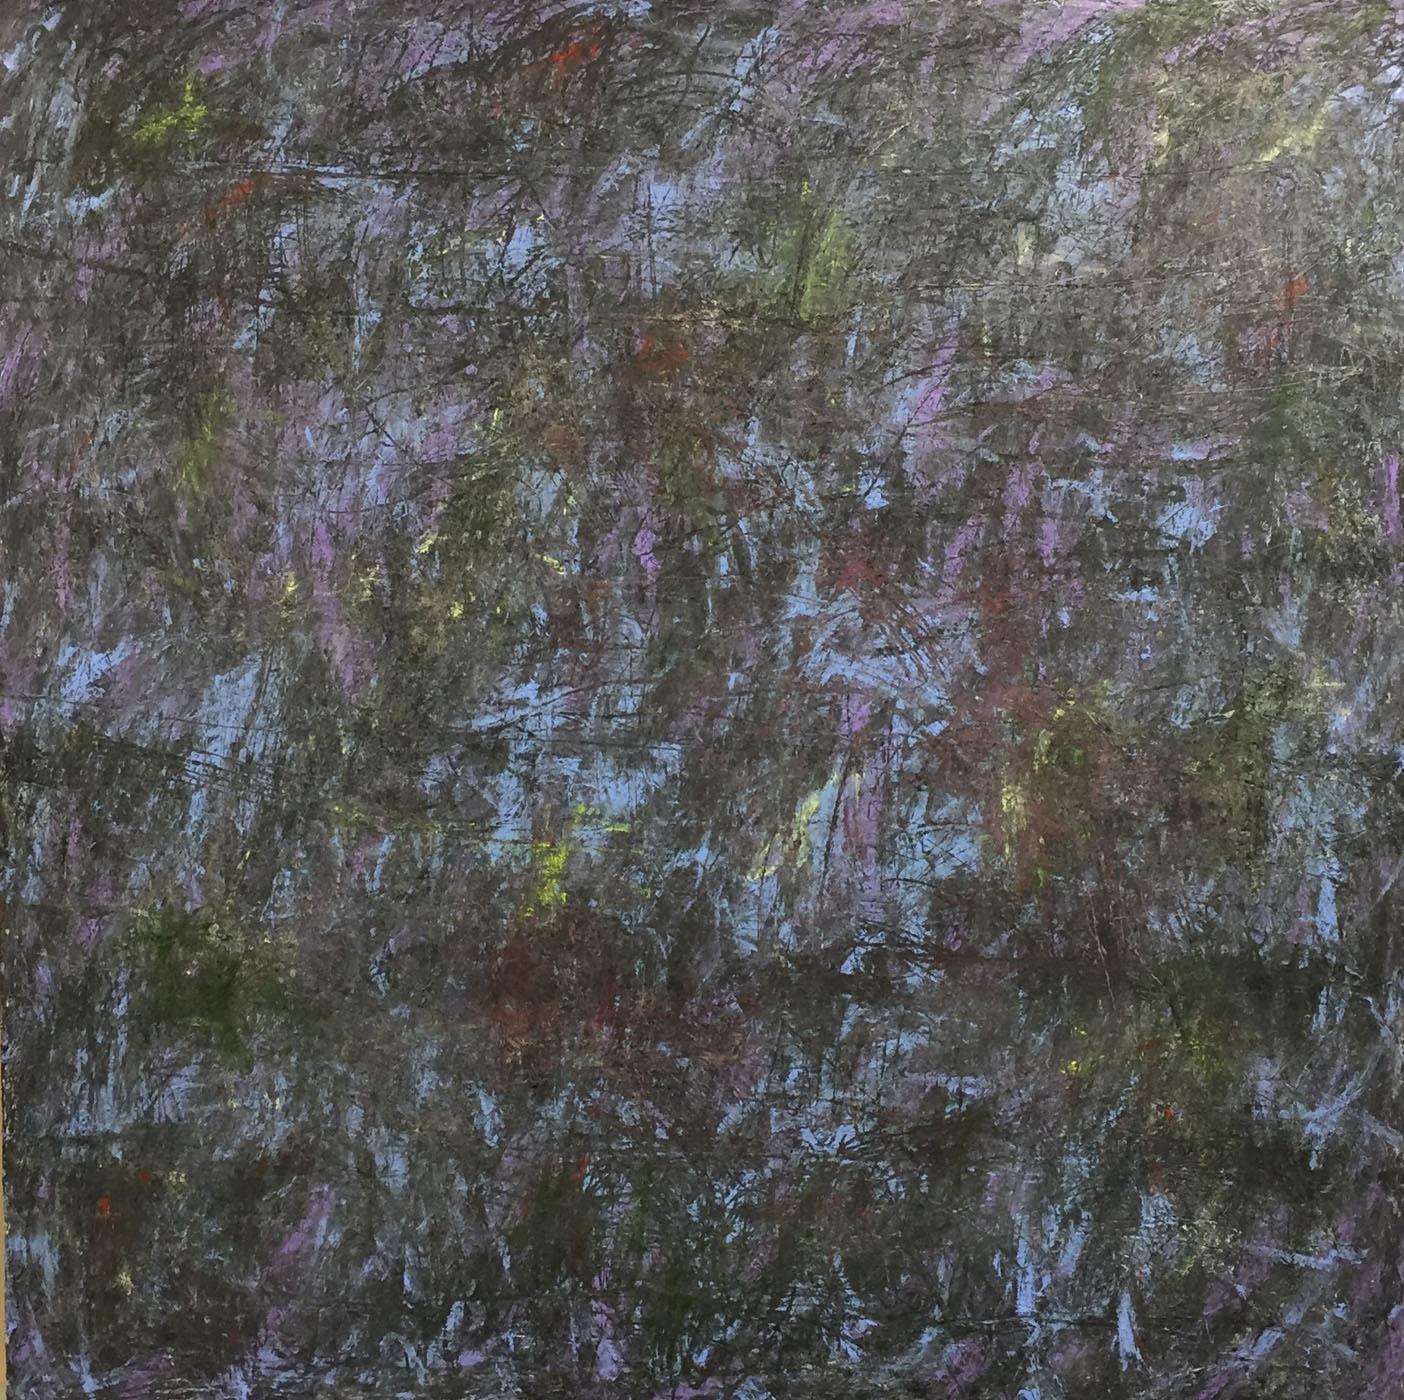 MARC FELD 2018 ÉPOPÉE Huile et acrylique sur toile 160 x 160 cm